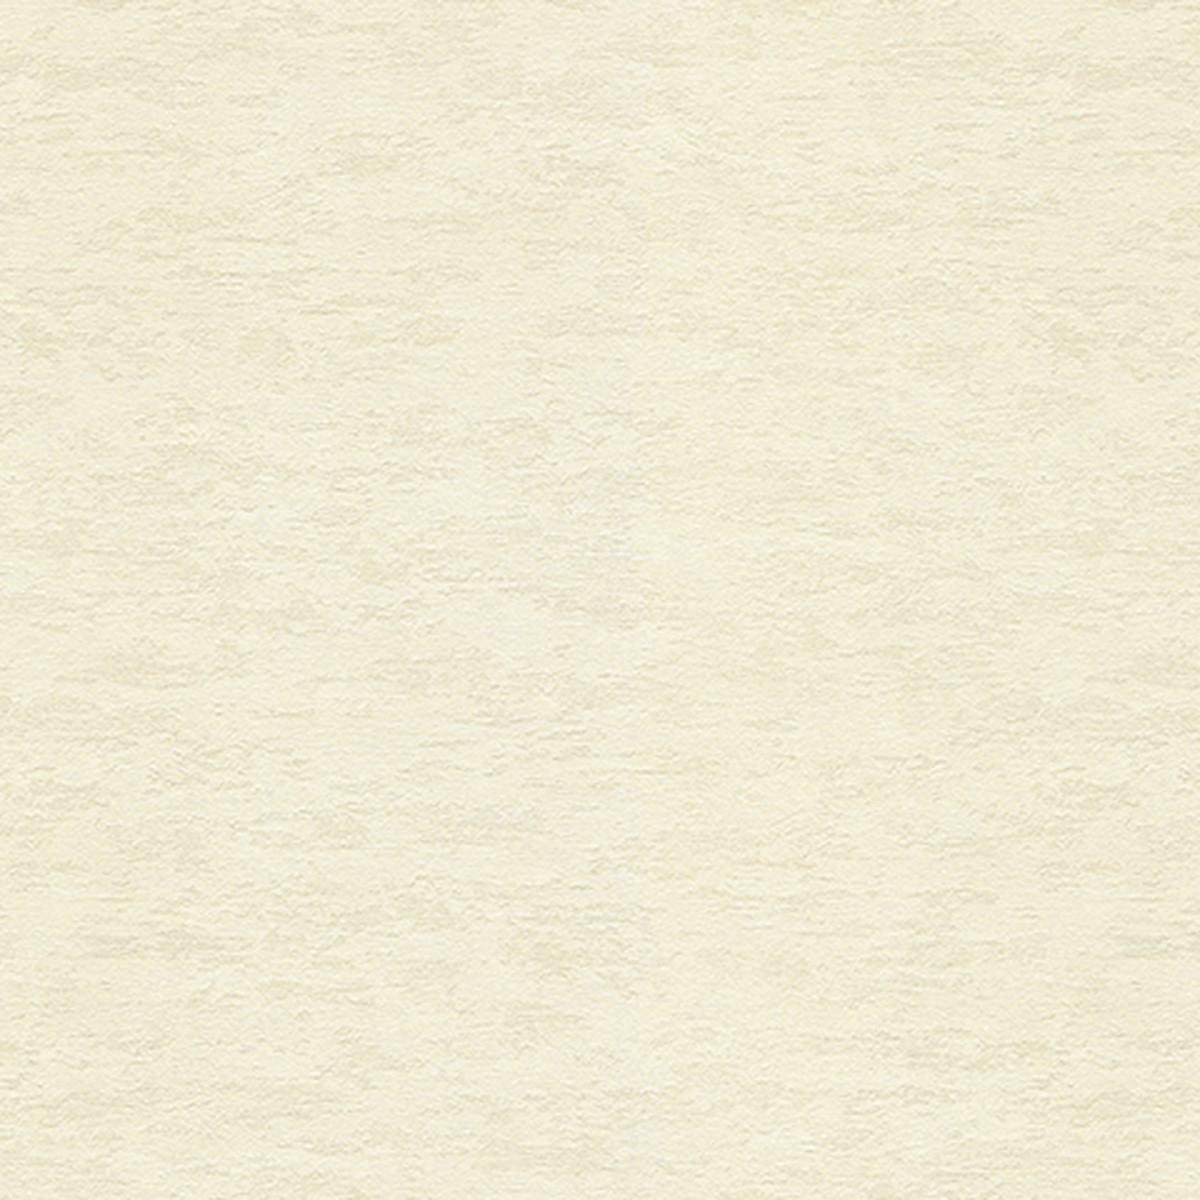 Обои флизелиновые С.Л.Г. бежевые 1.06 м 7-0894